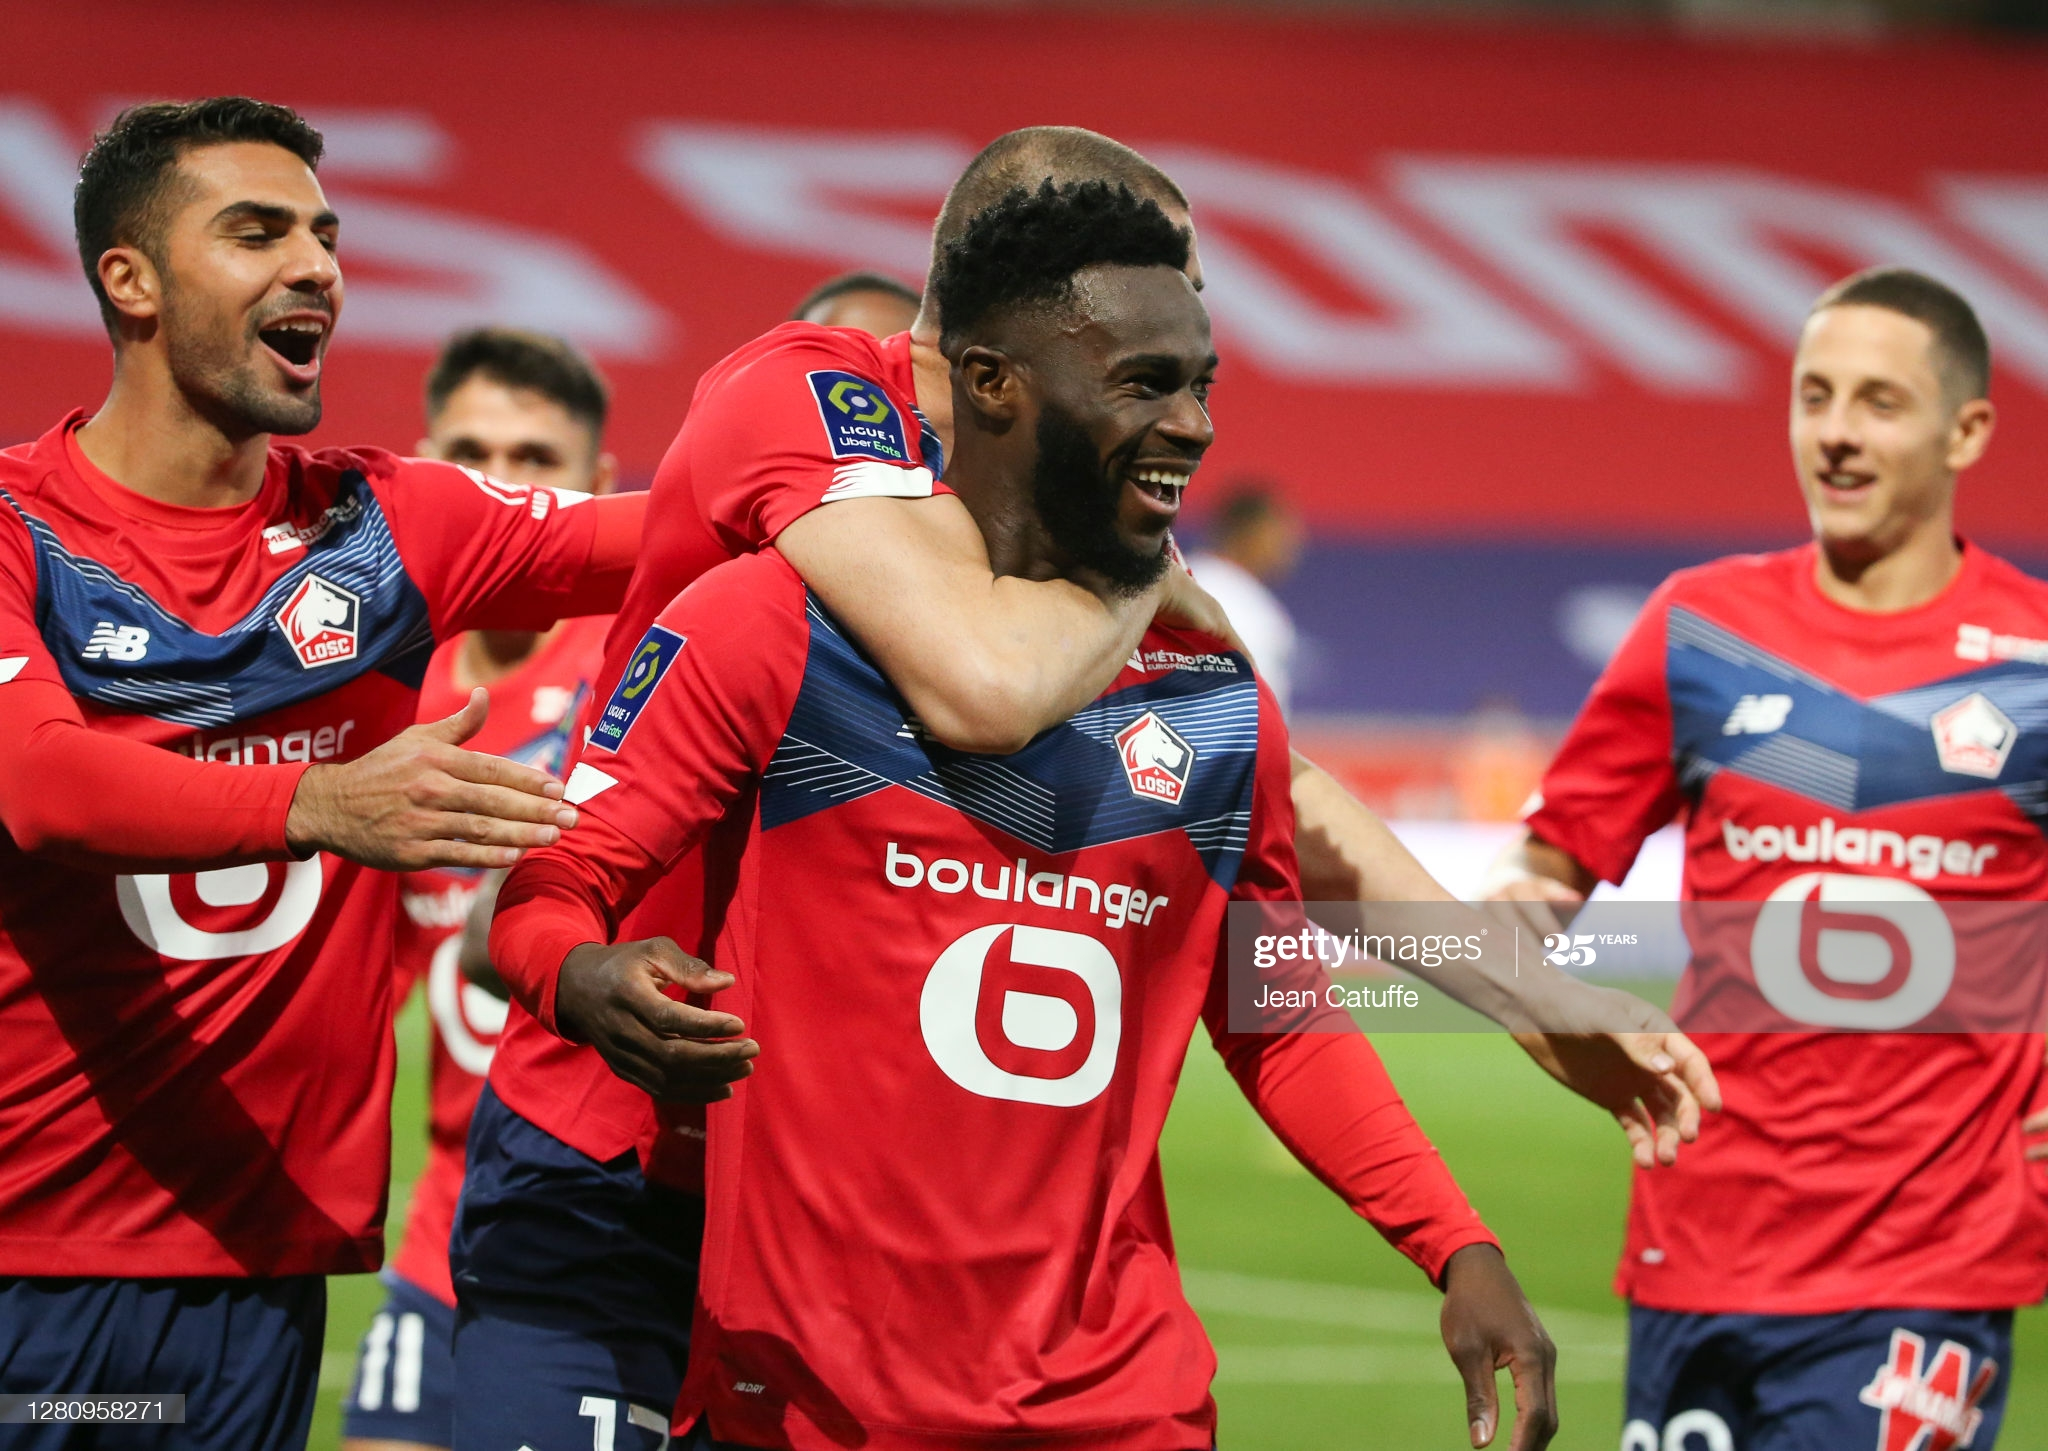 Lille vs Celtic